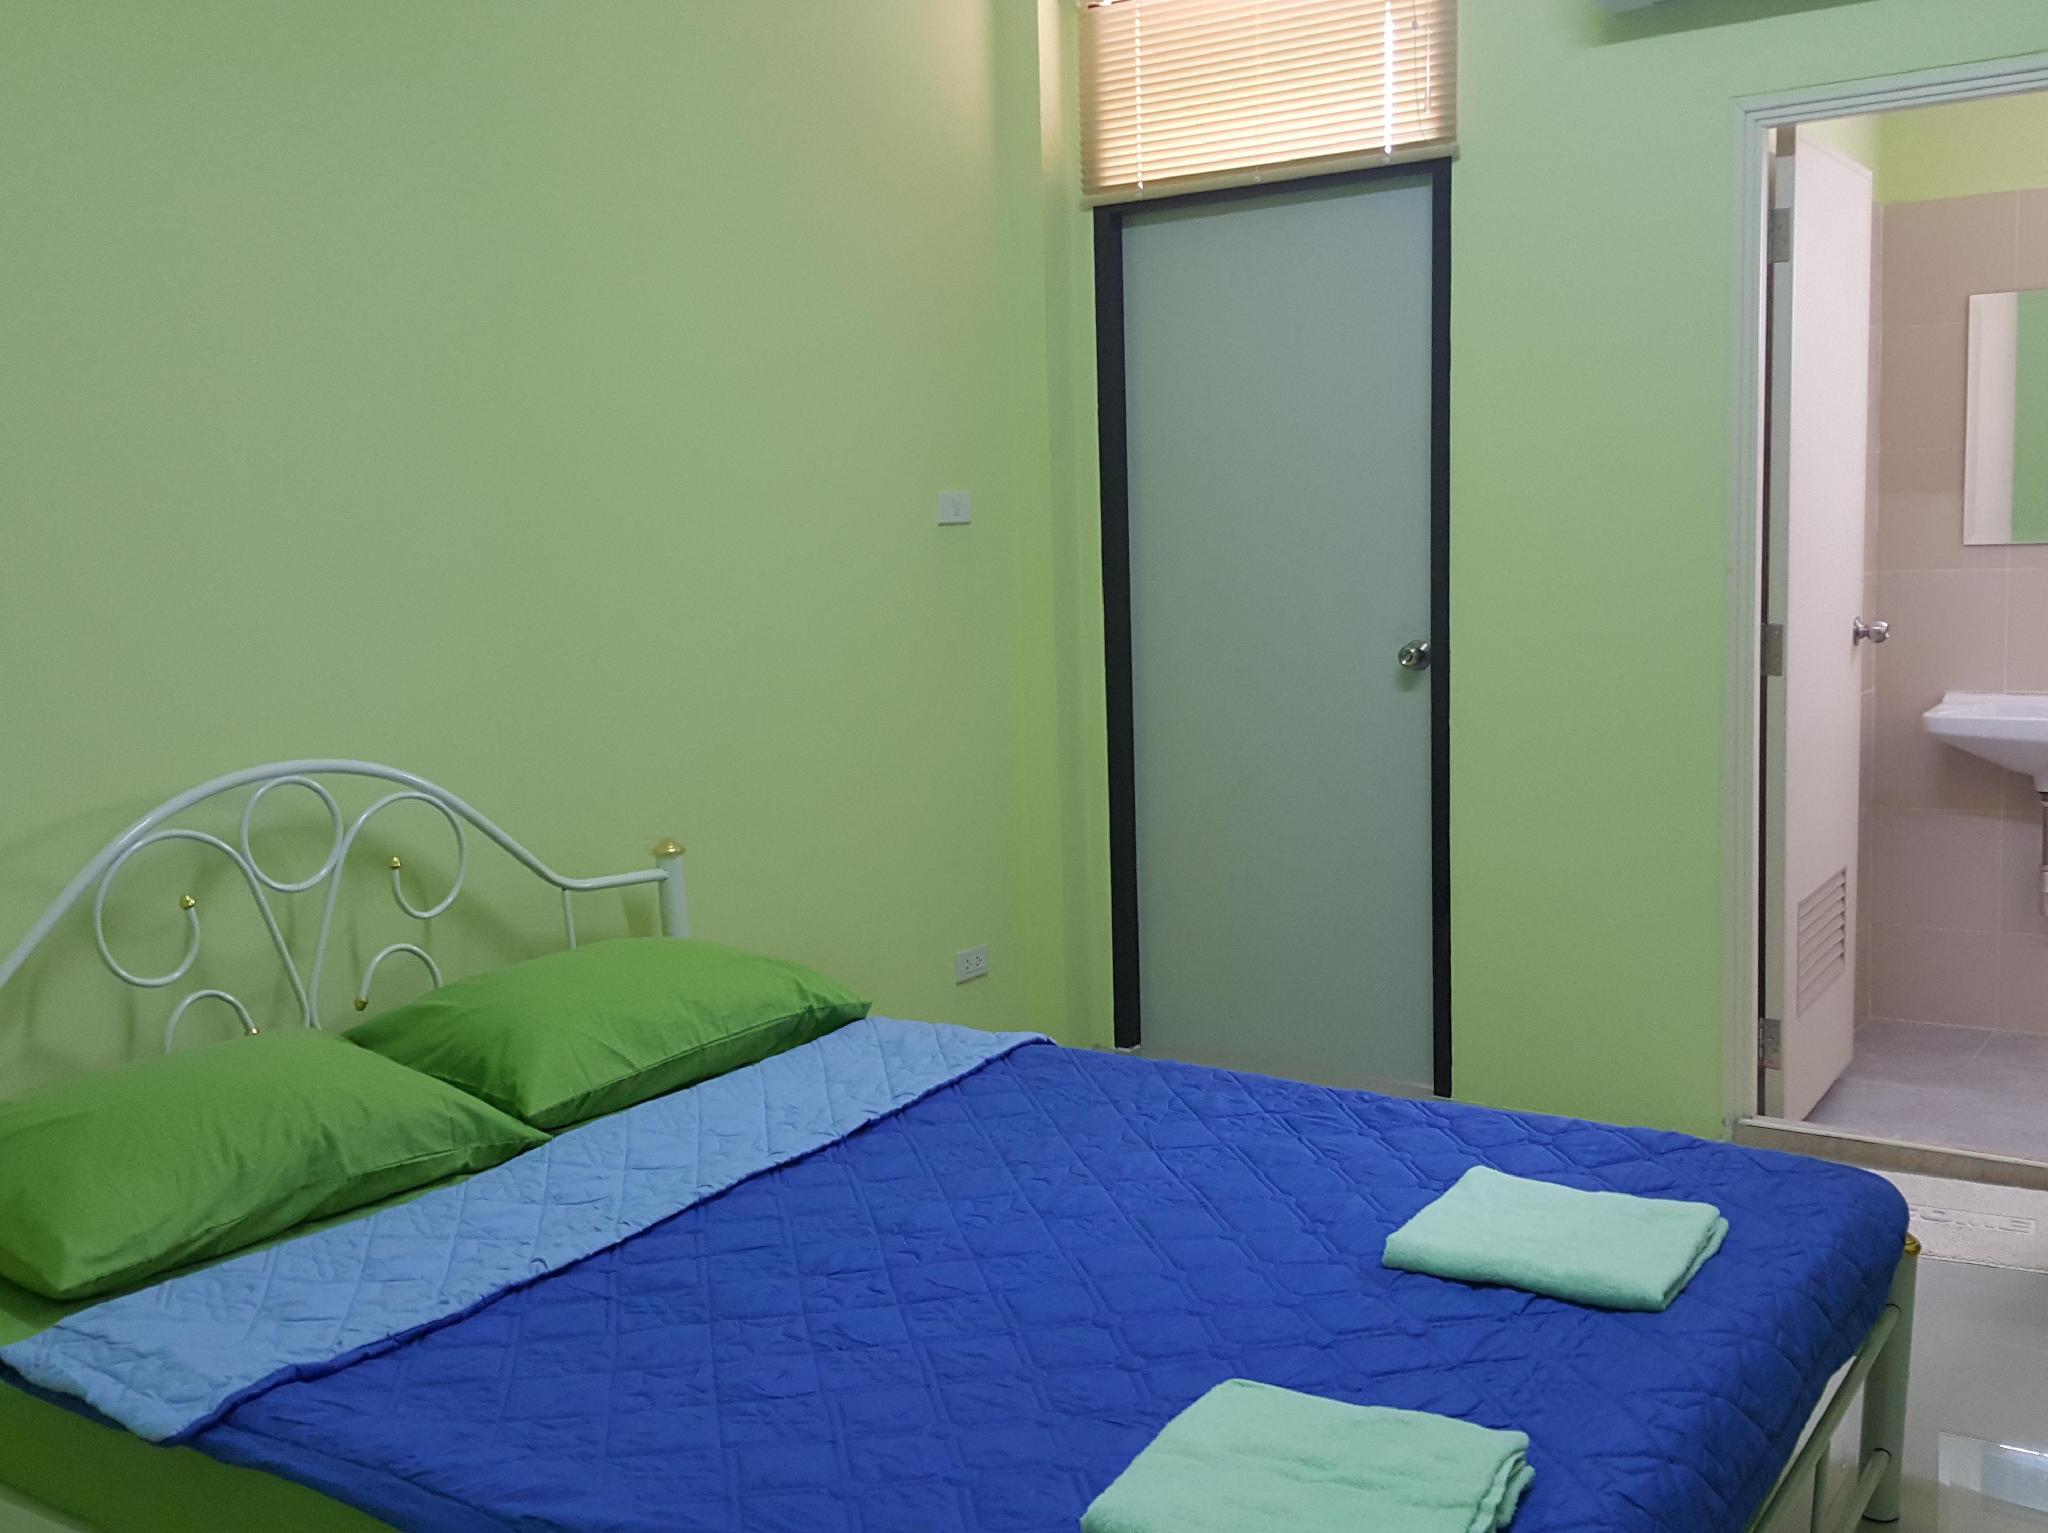 KS  Apartment,เคเอส อพาร์ทเม้น